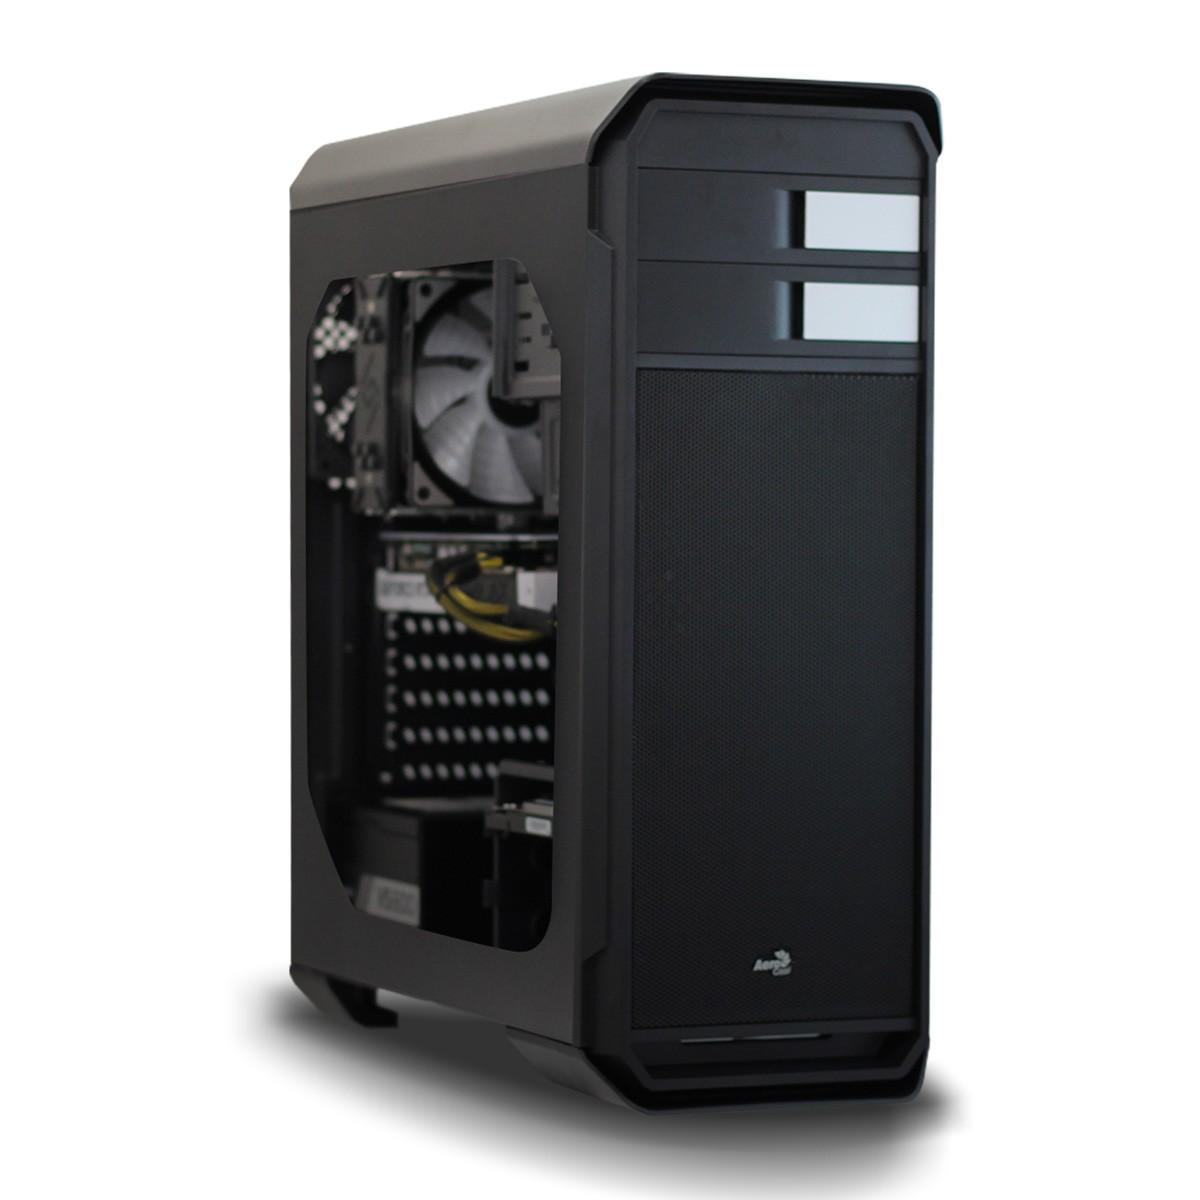 Pc Gamer Super Tera Edition AMD Ryzen 5 2600X / GeForce RTX 2060 Super / DDR4 8GB / HD 1TB / 600W